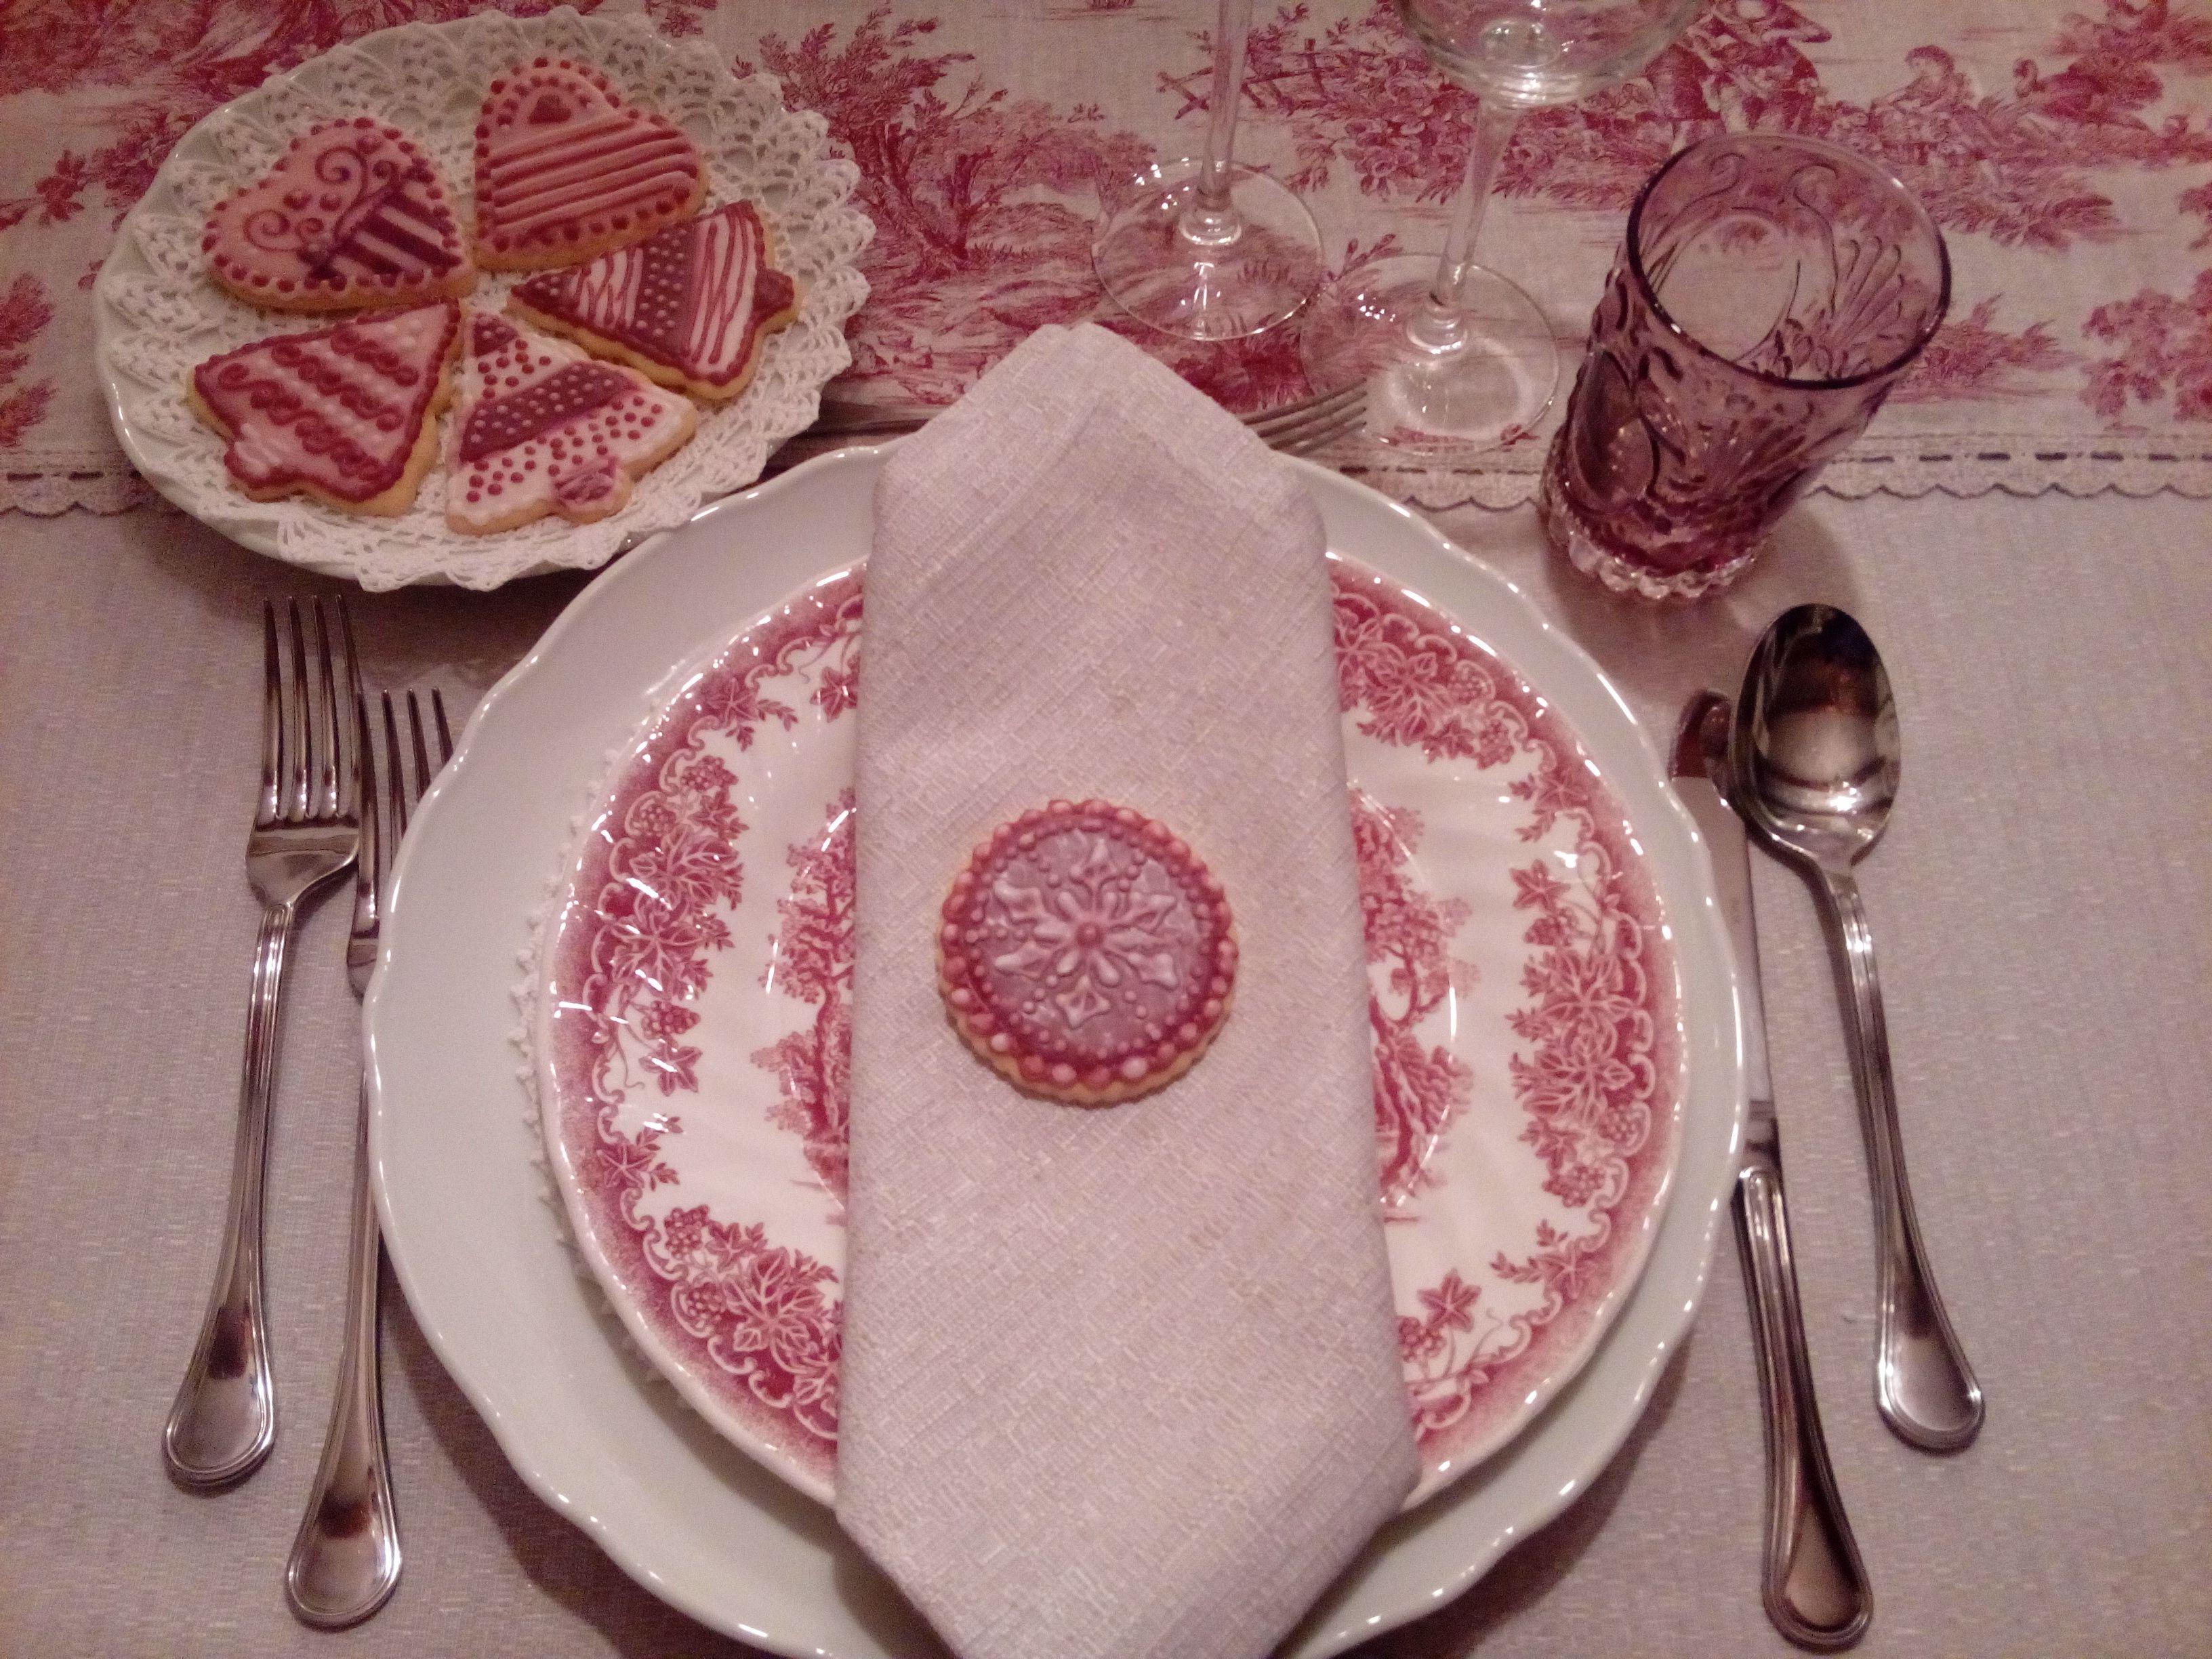 Natale DA ORNELLA CUCINA MOBILE | Allestimenti wedding ...